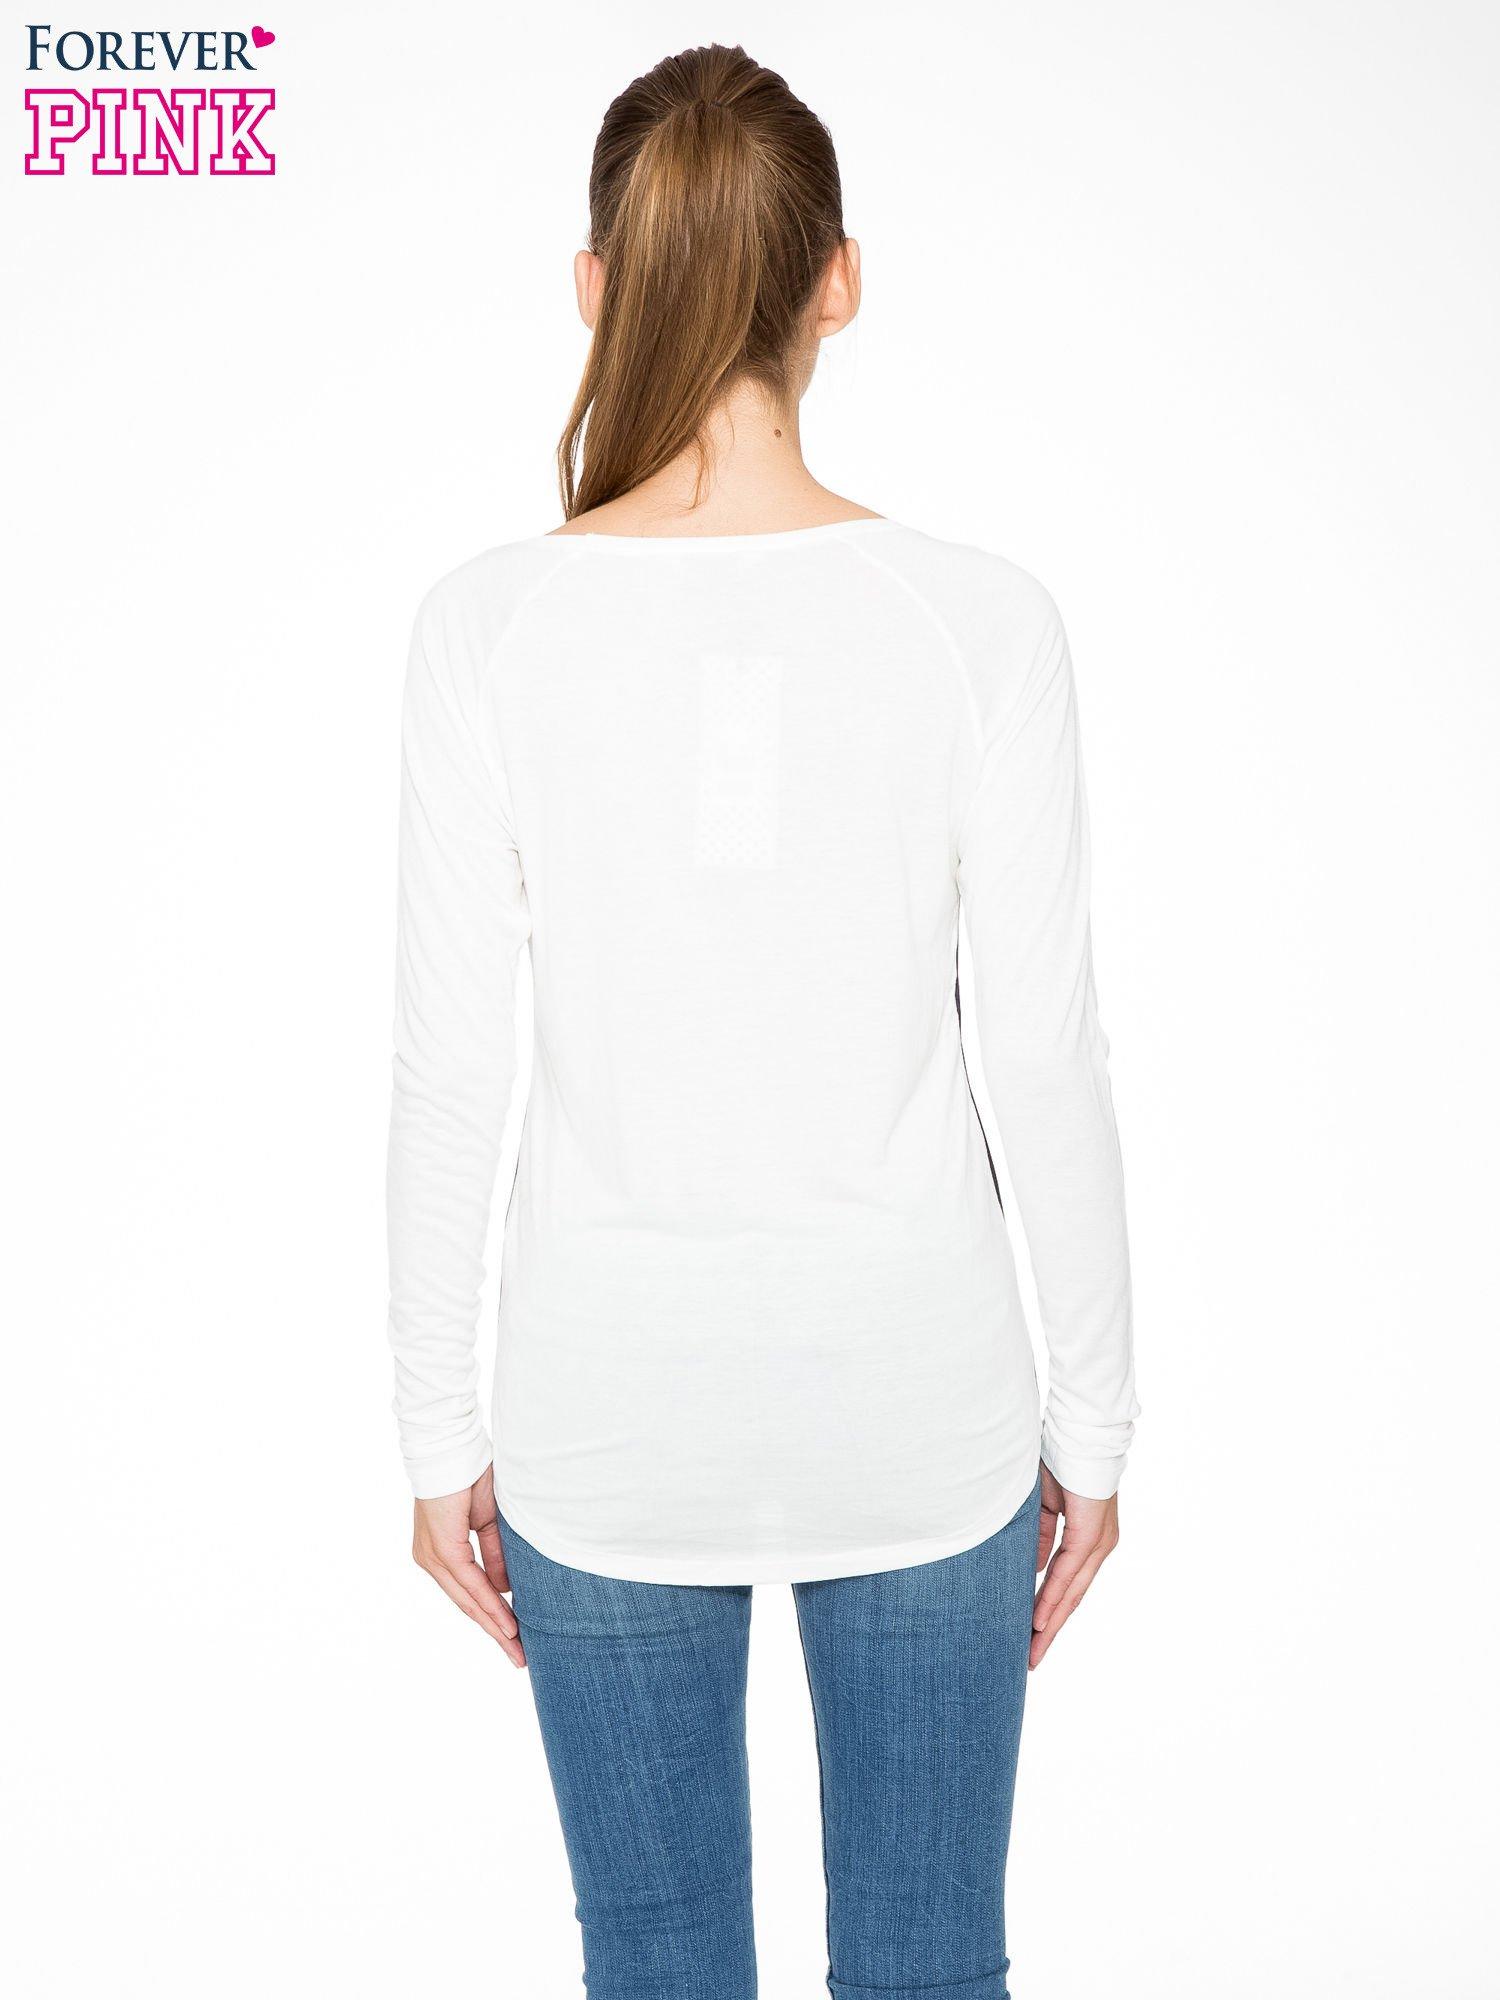 Granatowa bluzka z motywem serca i reglanowymi rękawami                                  zdj.                                  4